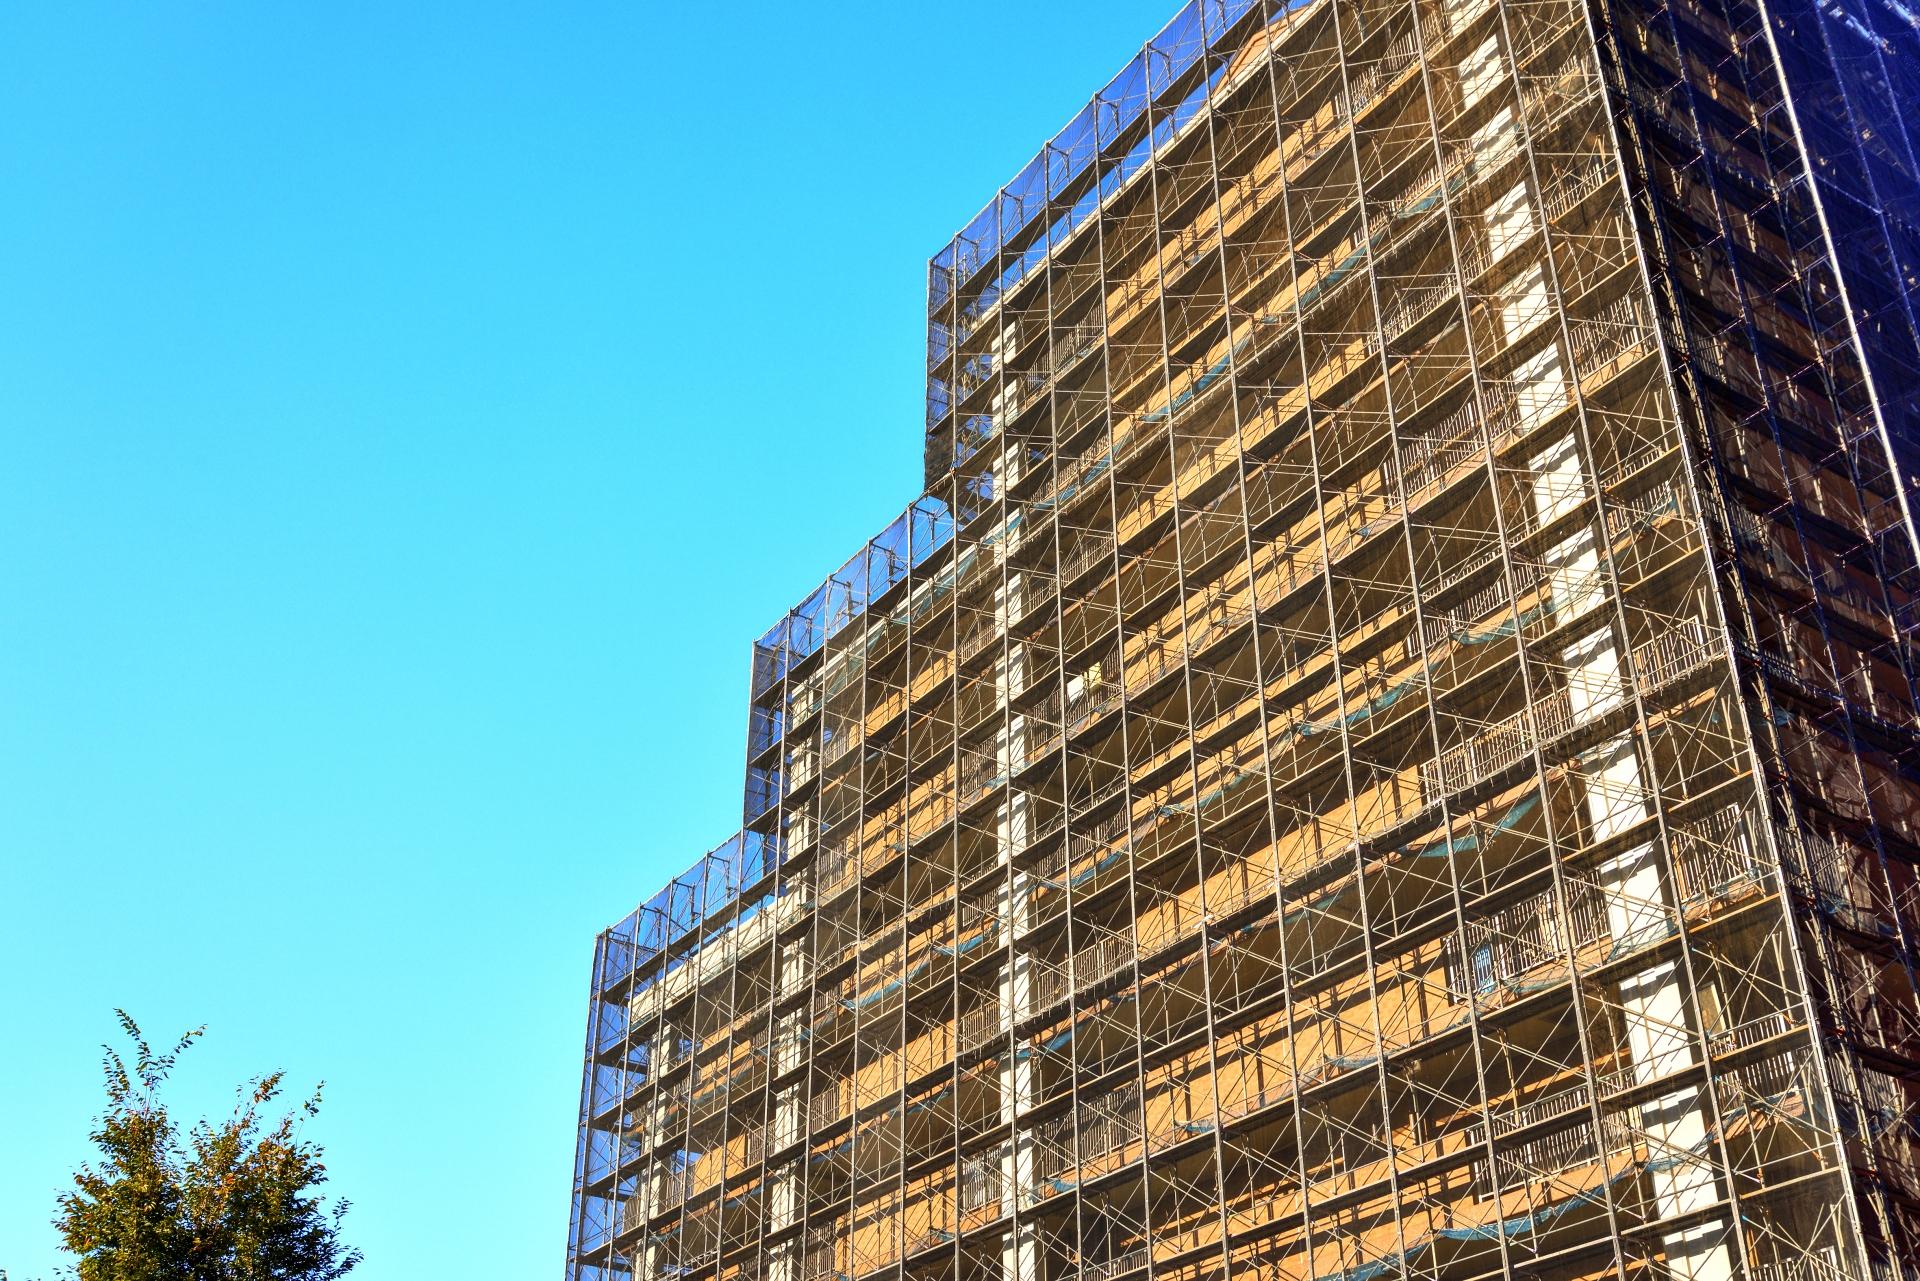 把握しておきたい大規模修繕工事のトラブル原因と対処法